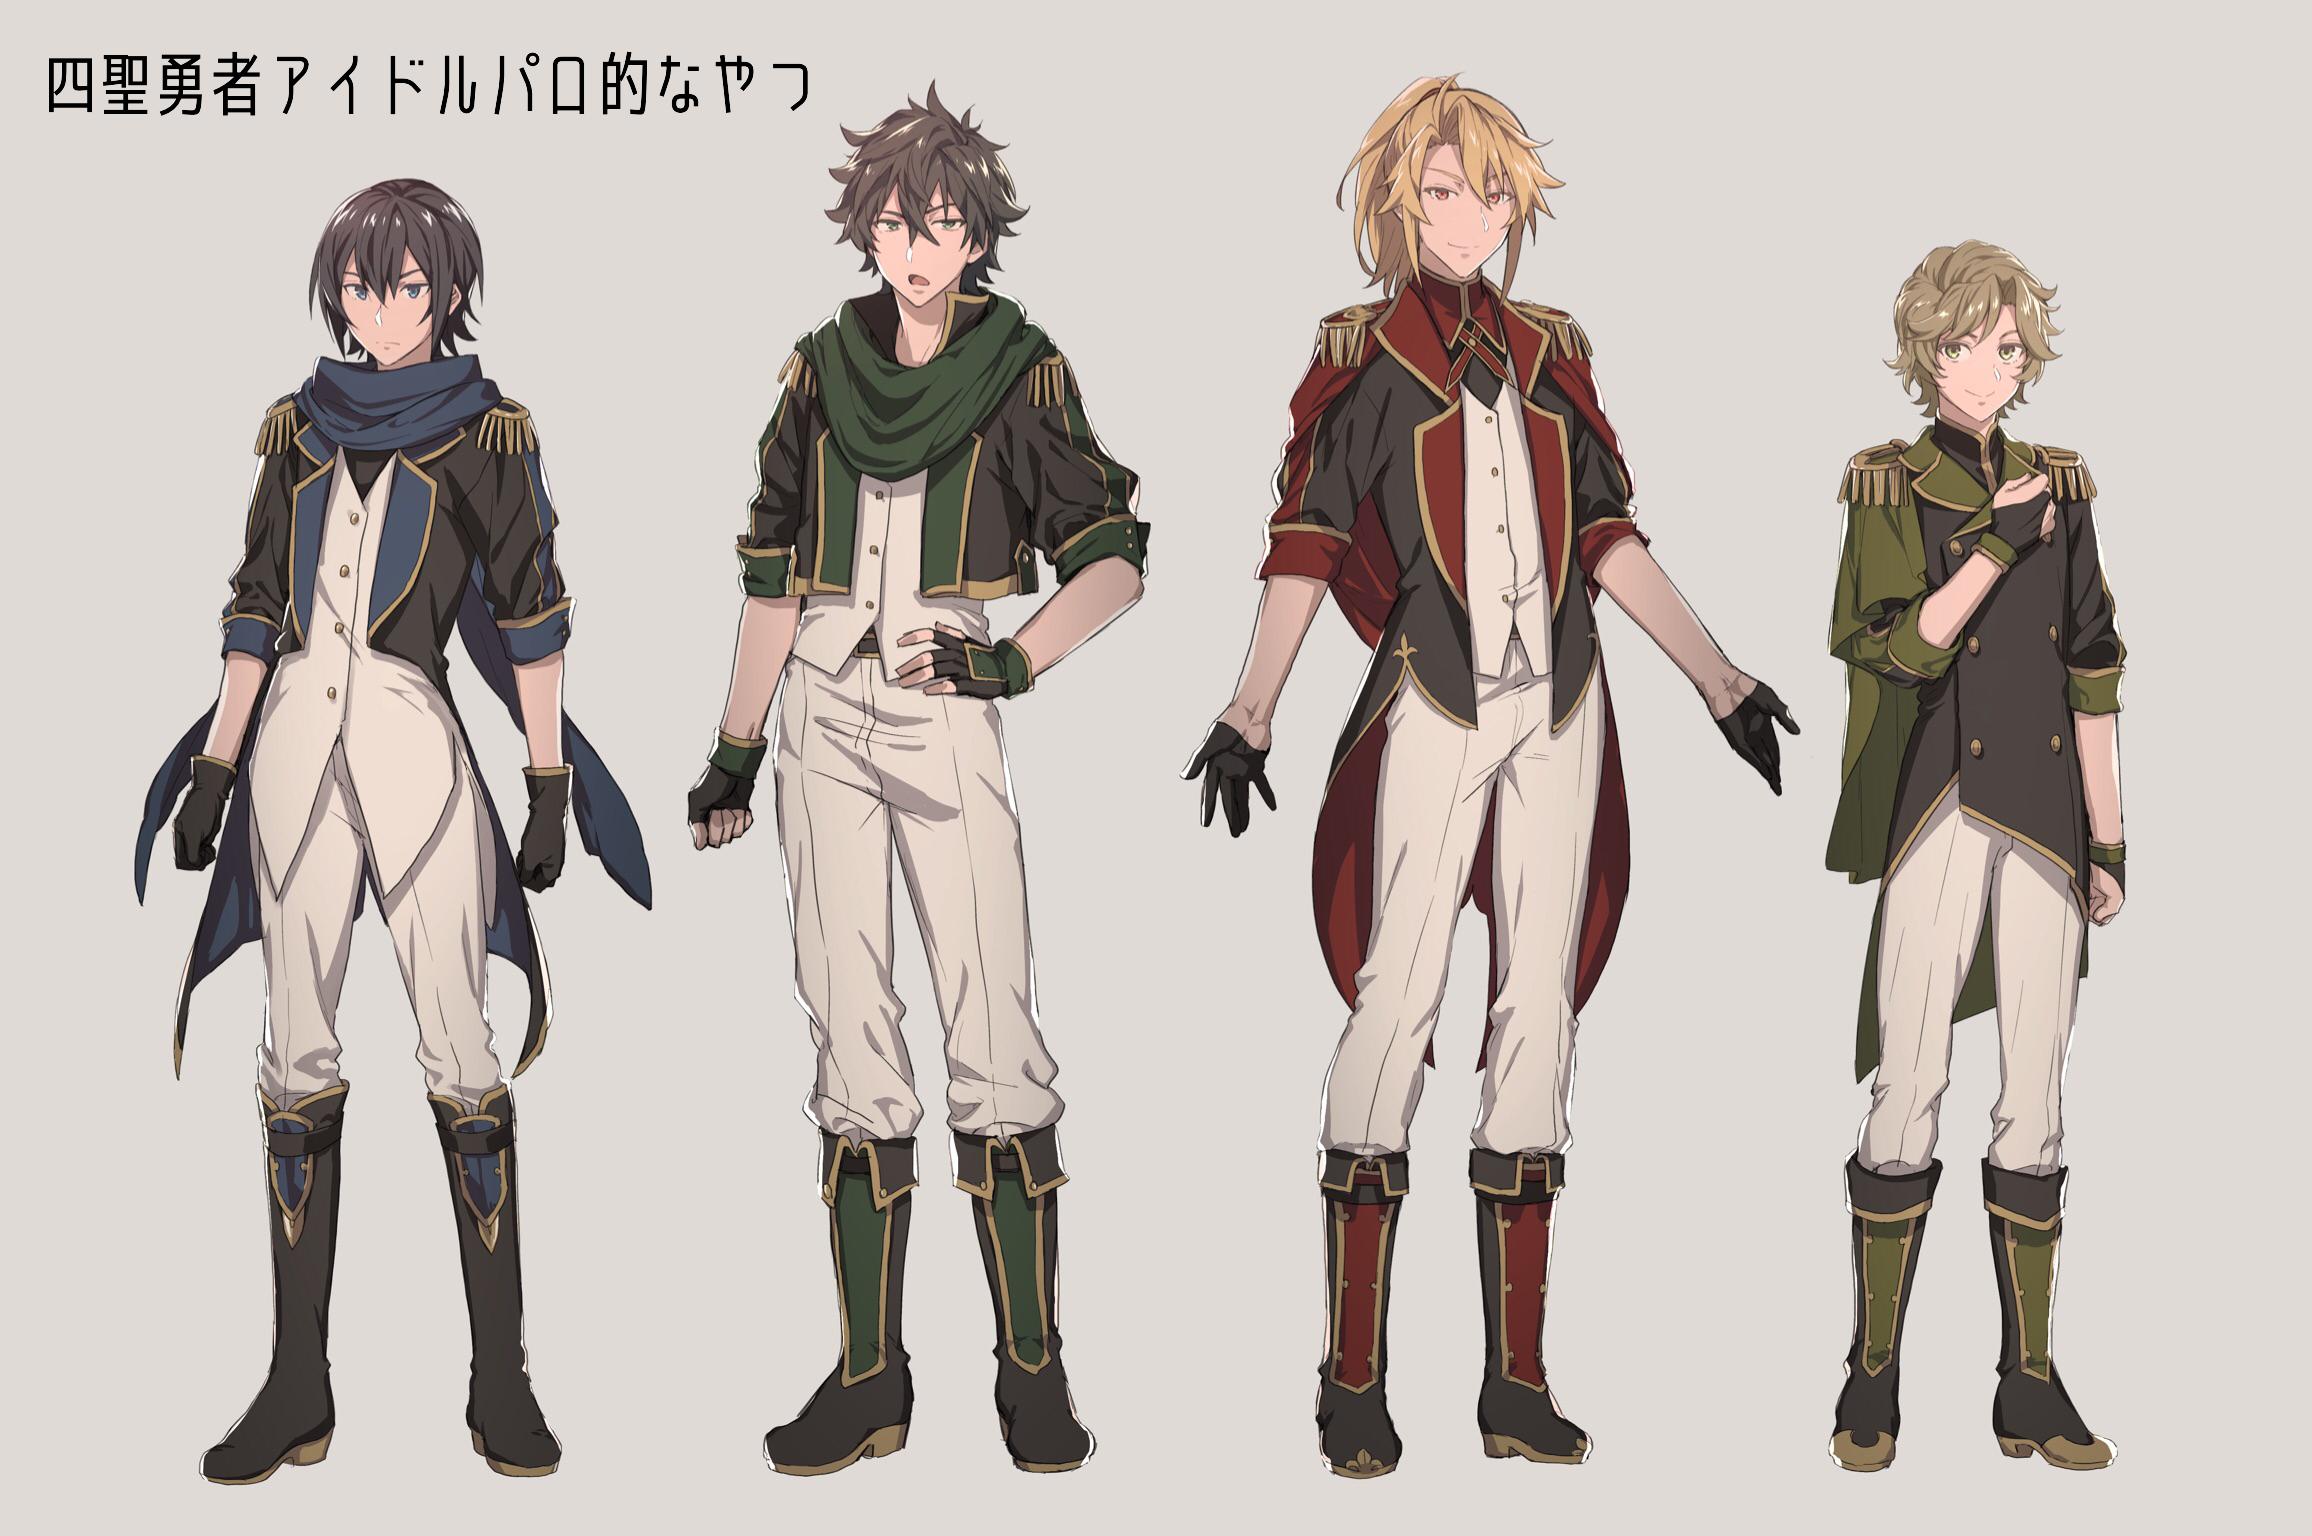 Amaki Ren Tate No Yuusha No Nariagari Zerochan Anime Image Board